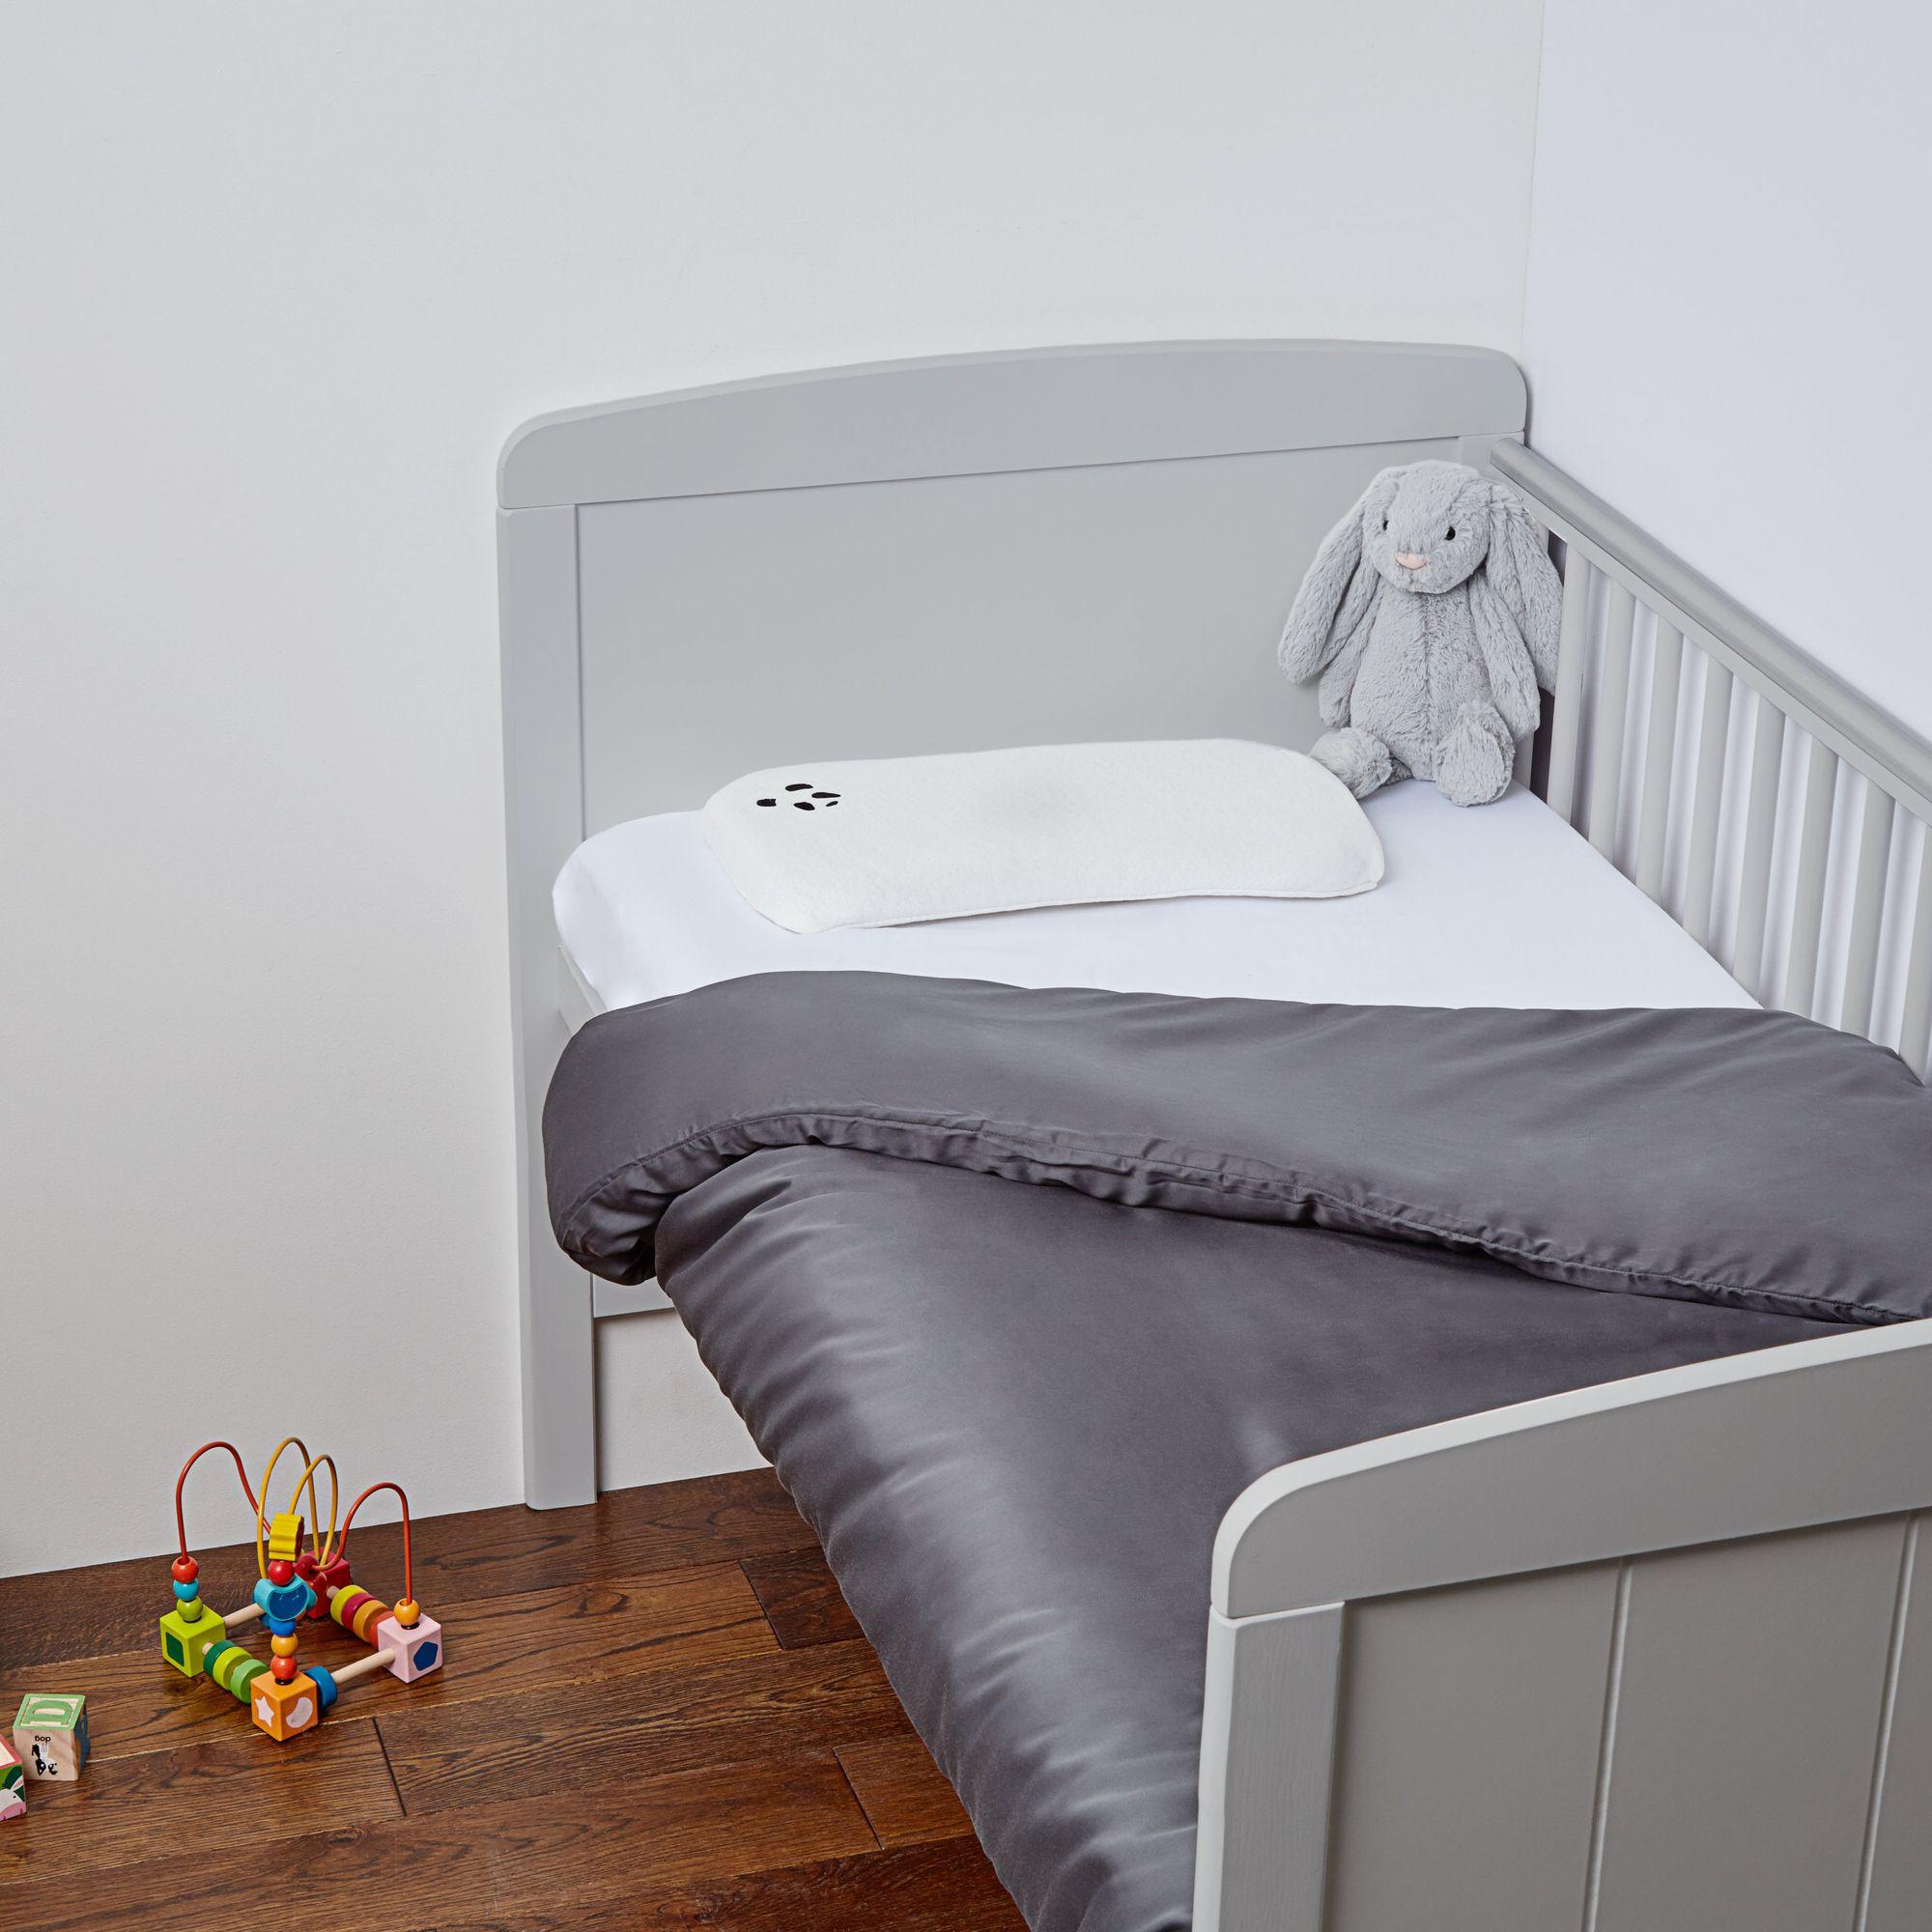 Panda Kids Bamboo Bedding, Duvet, Mattress & Pillows. in